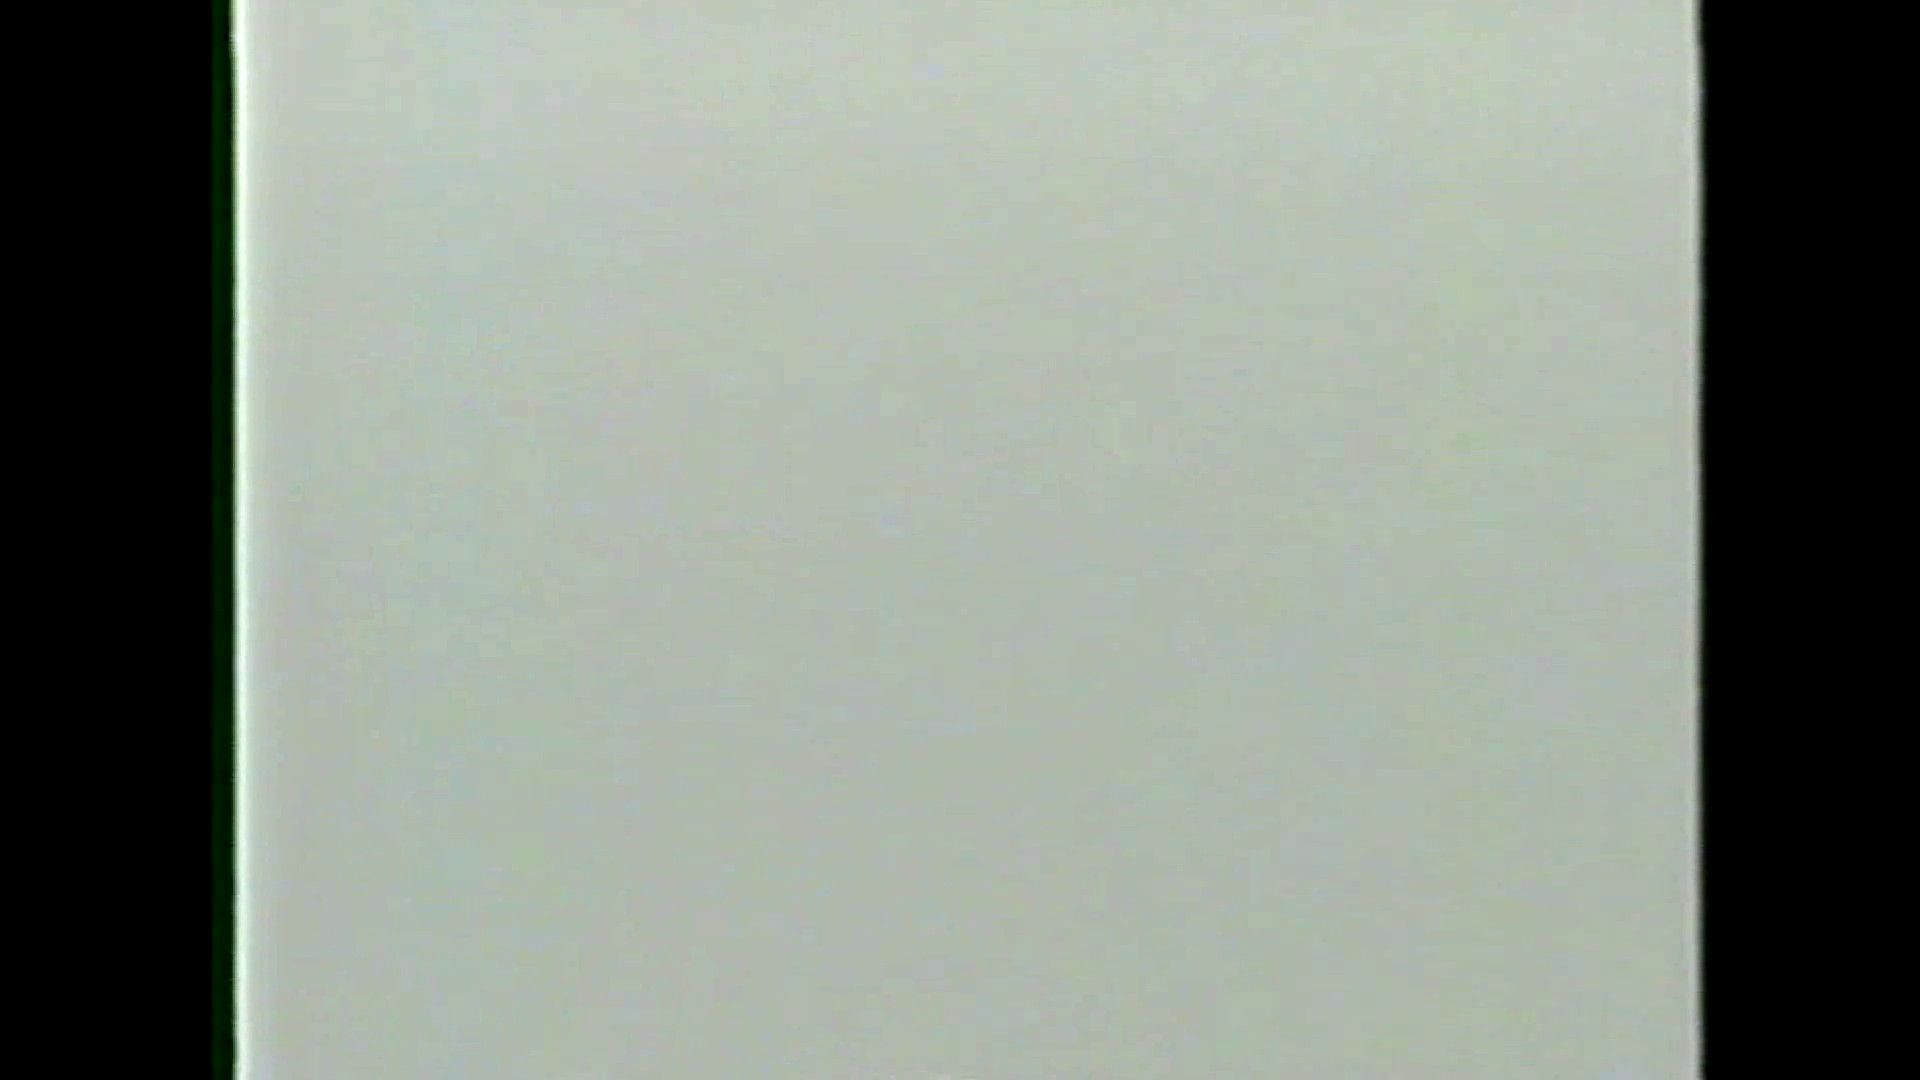 GAYBOY宏のオカズ倉庫Vol.3-1 ペニス | ノンケ達のセックス  103画像 45